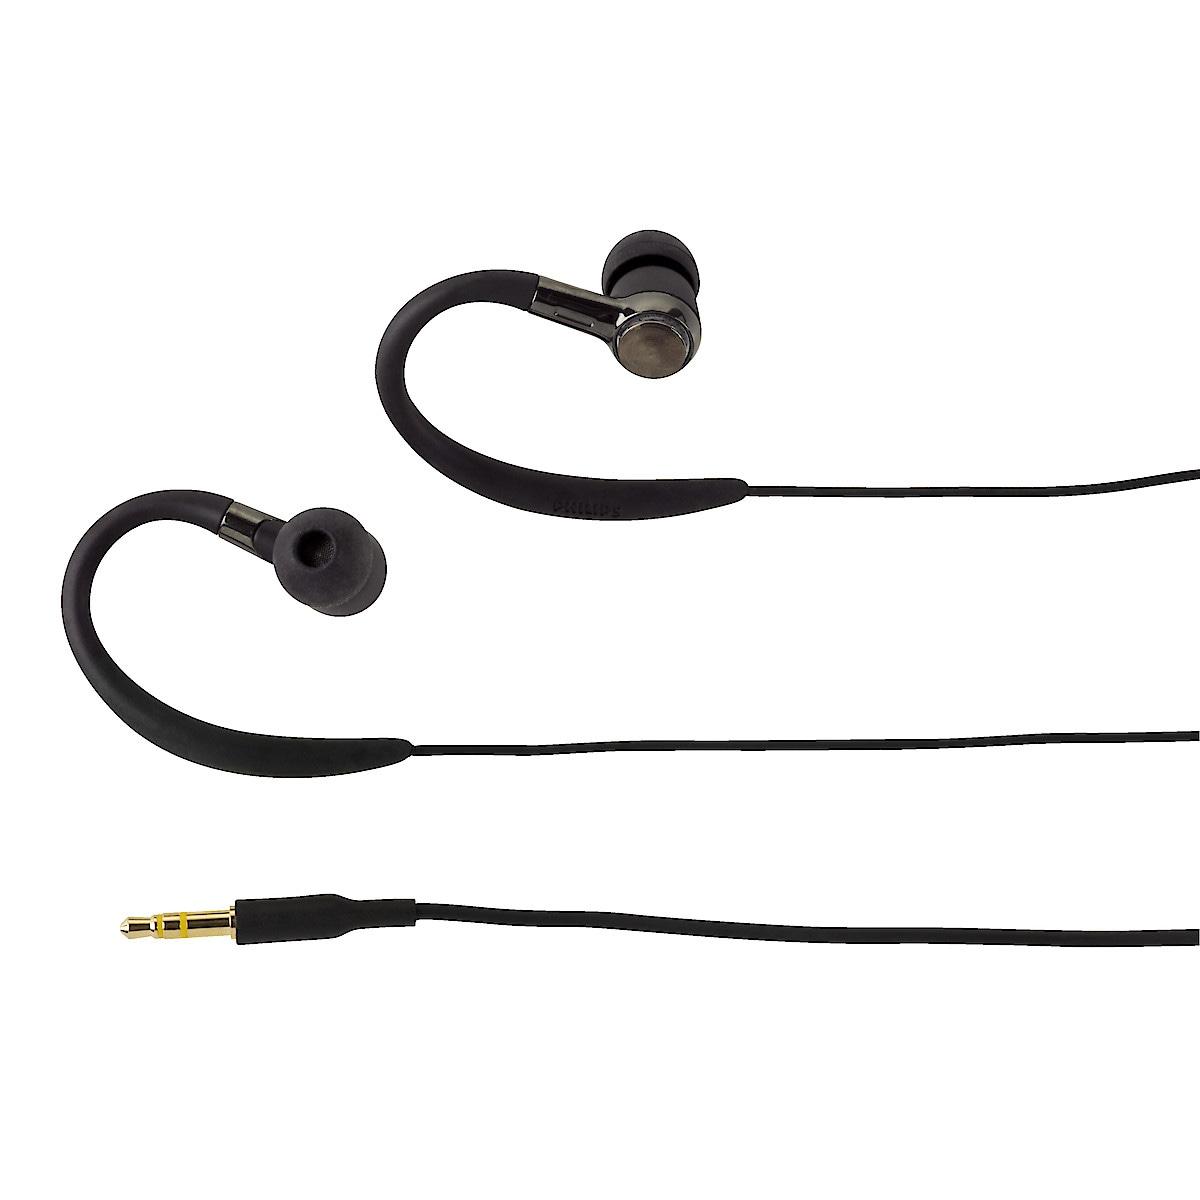 Philips SHS 8100 Stereo Earphones